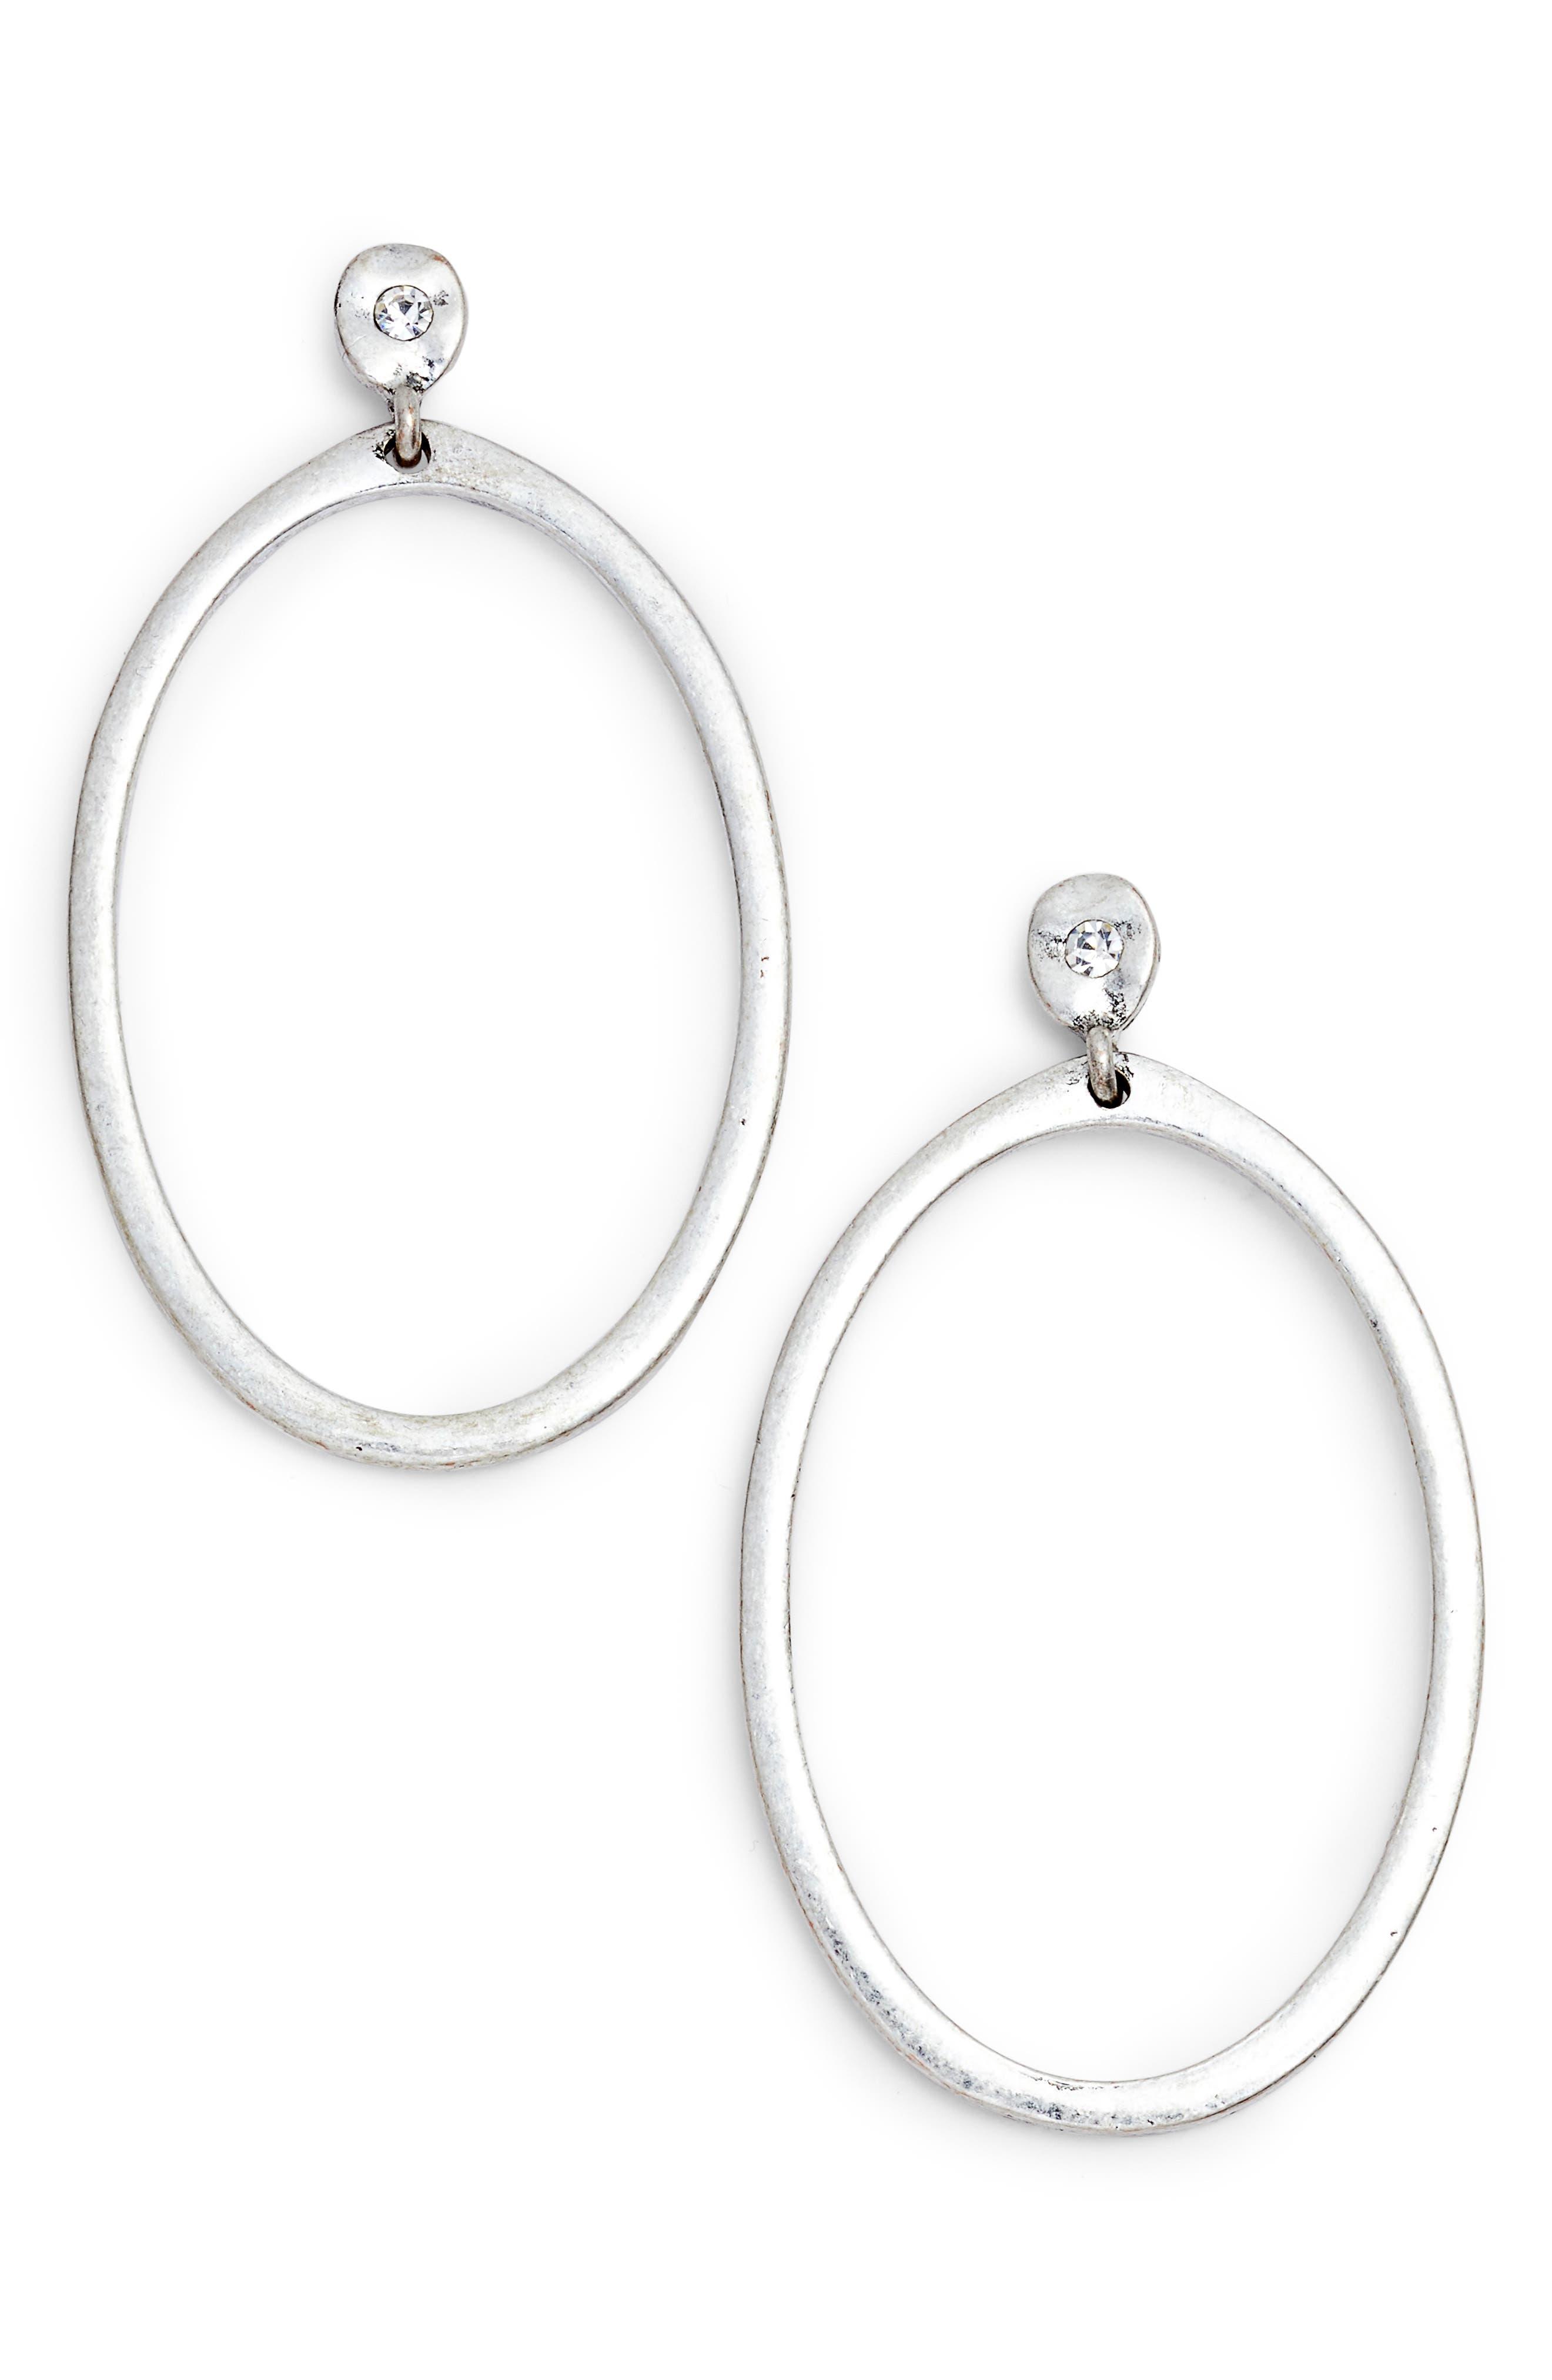 Organic Oval Hoop Earrings,                         Main,                         color,